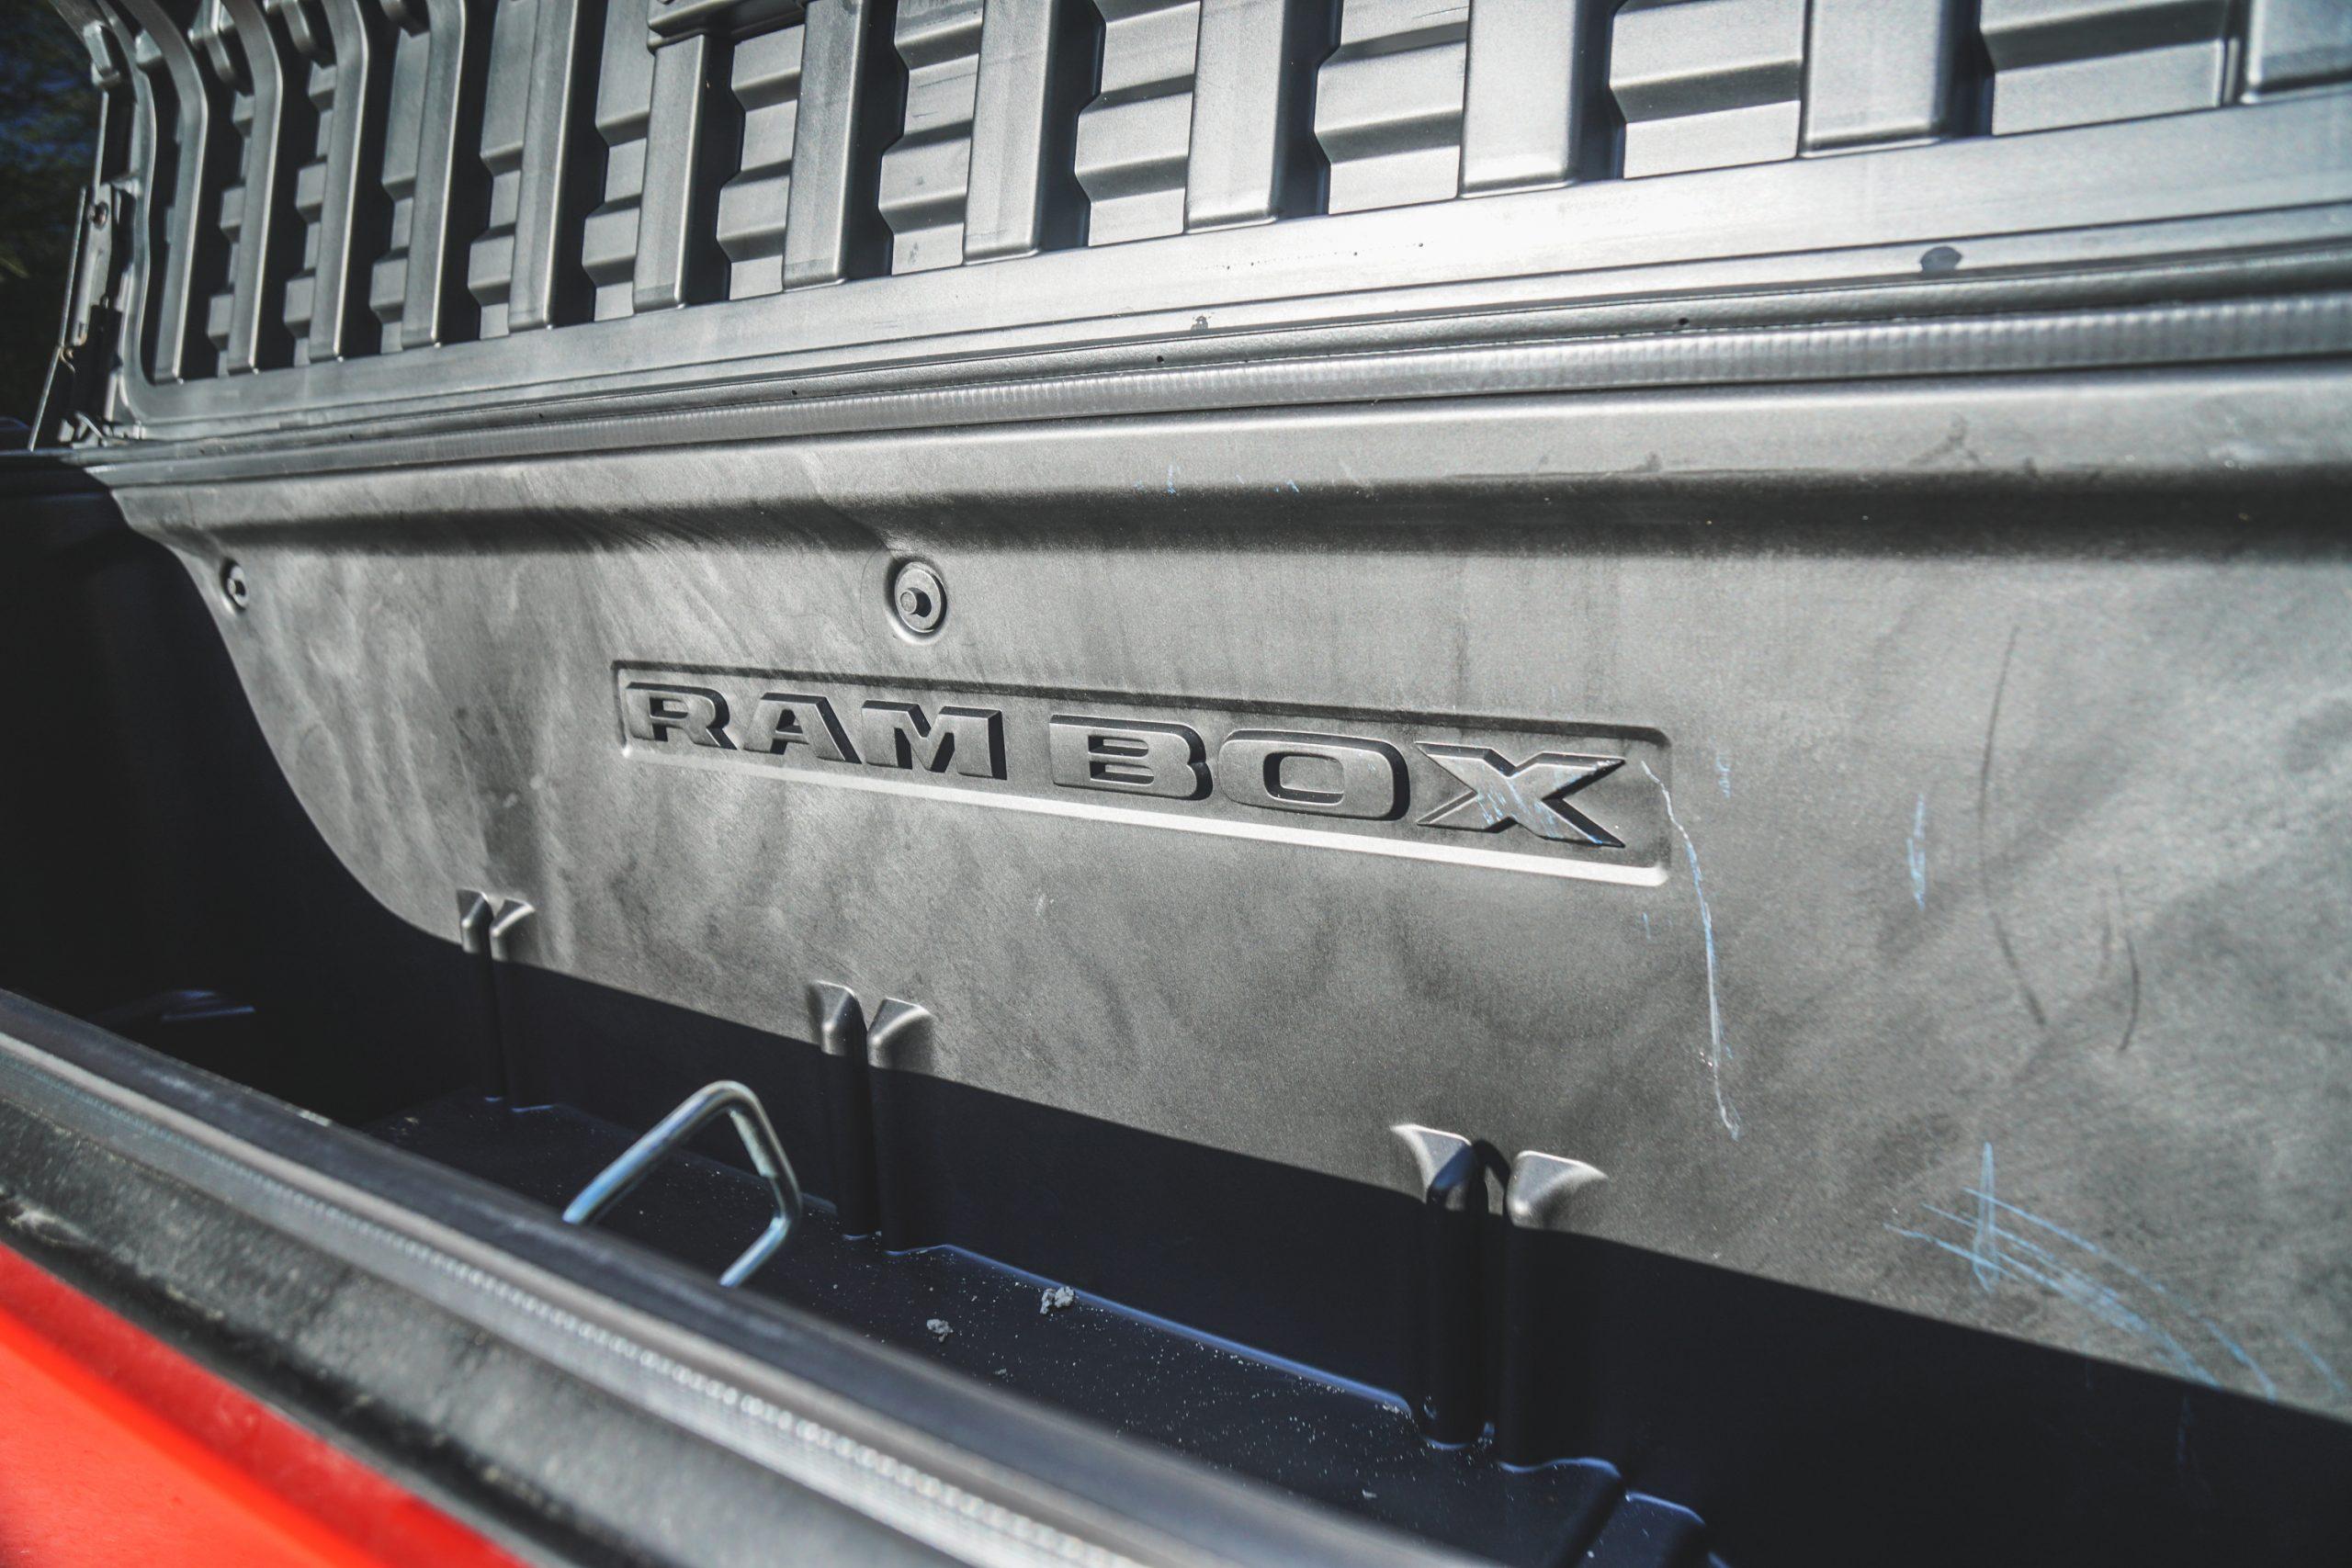 2020 Ram 1500 Laramie ram box open